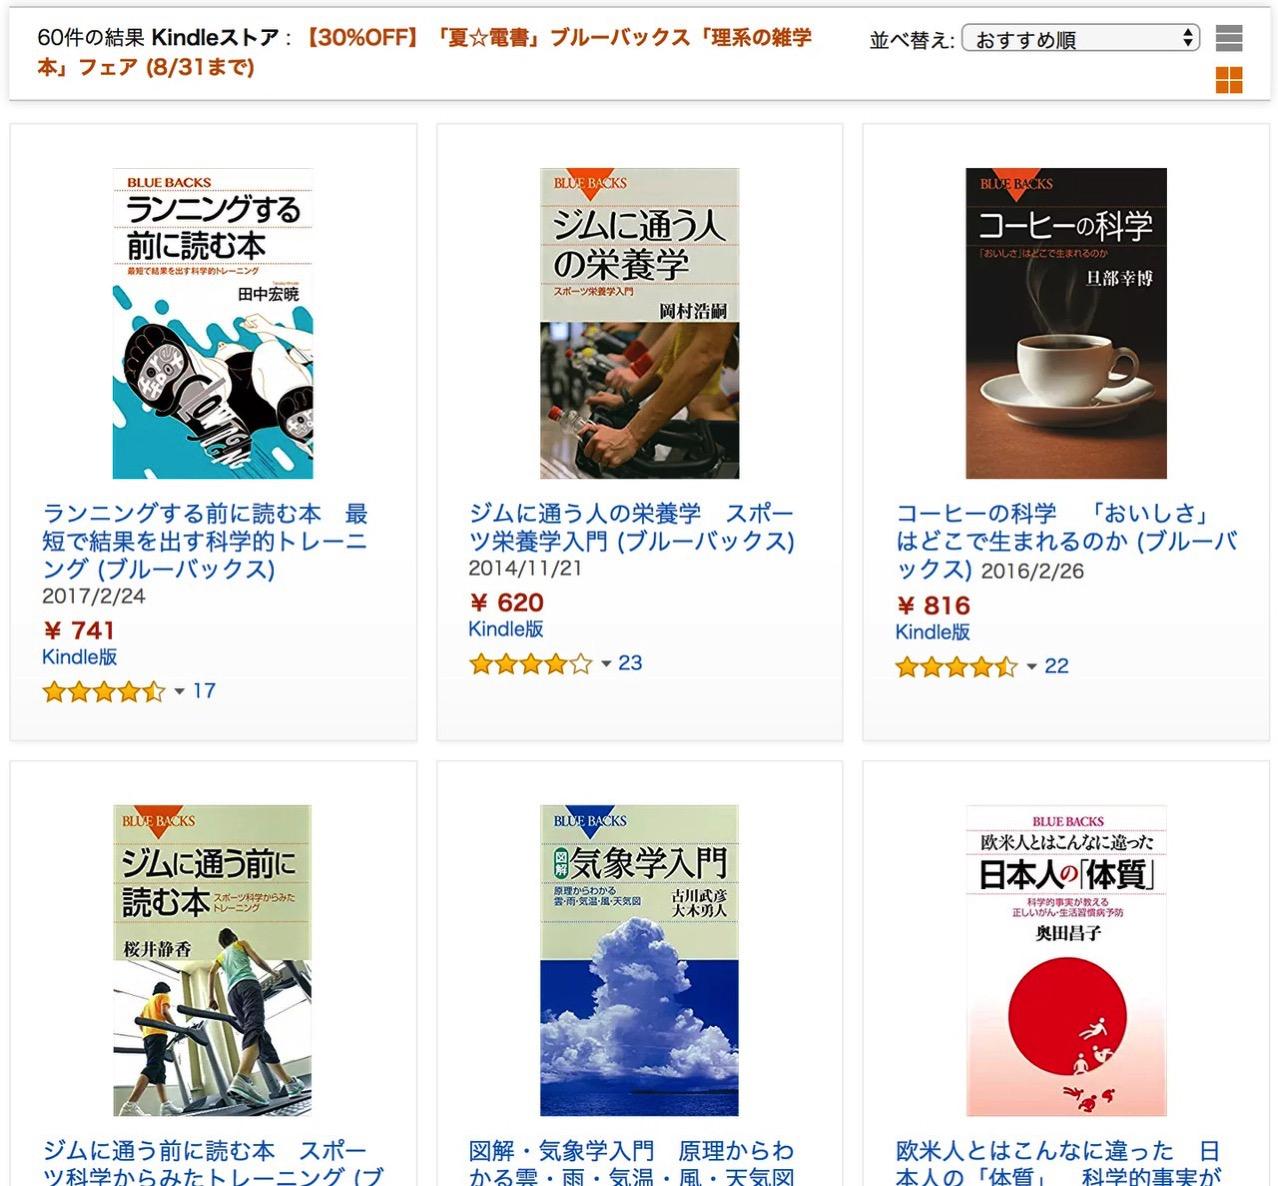 【Kindleセール】30%OFF!ブルーバックス「理系の雑学本」フェア(〜8/31)